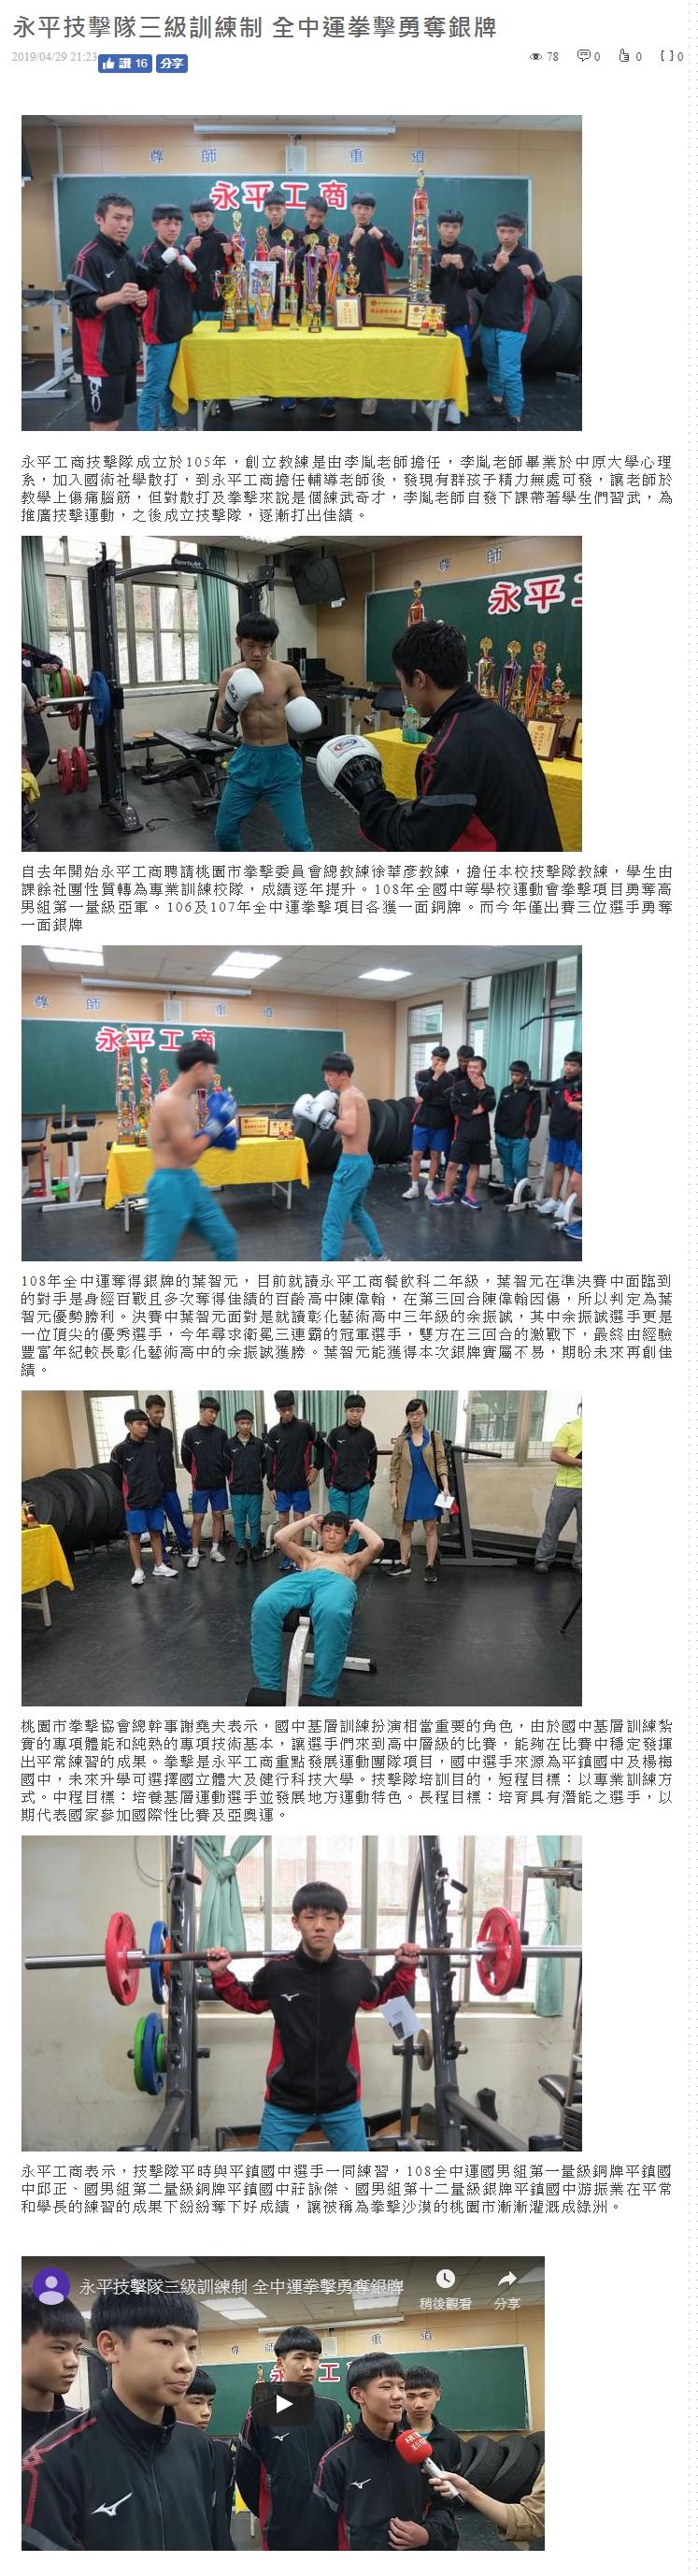 永平技擊隊三級訓練制 全中運拳擊勇奪銀牌